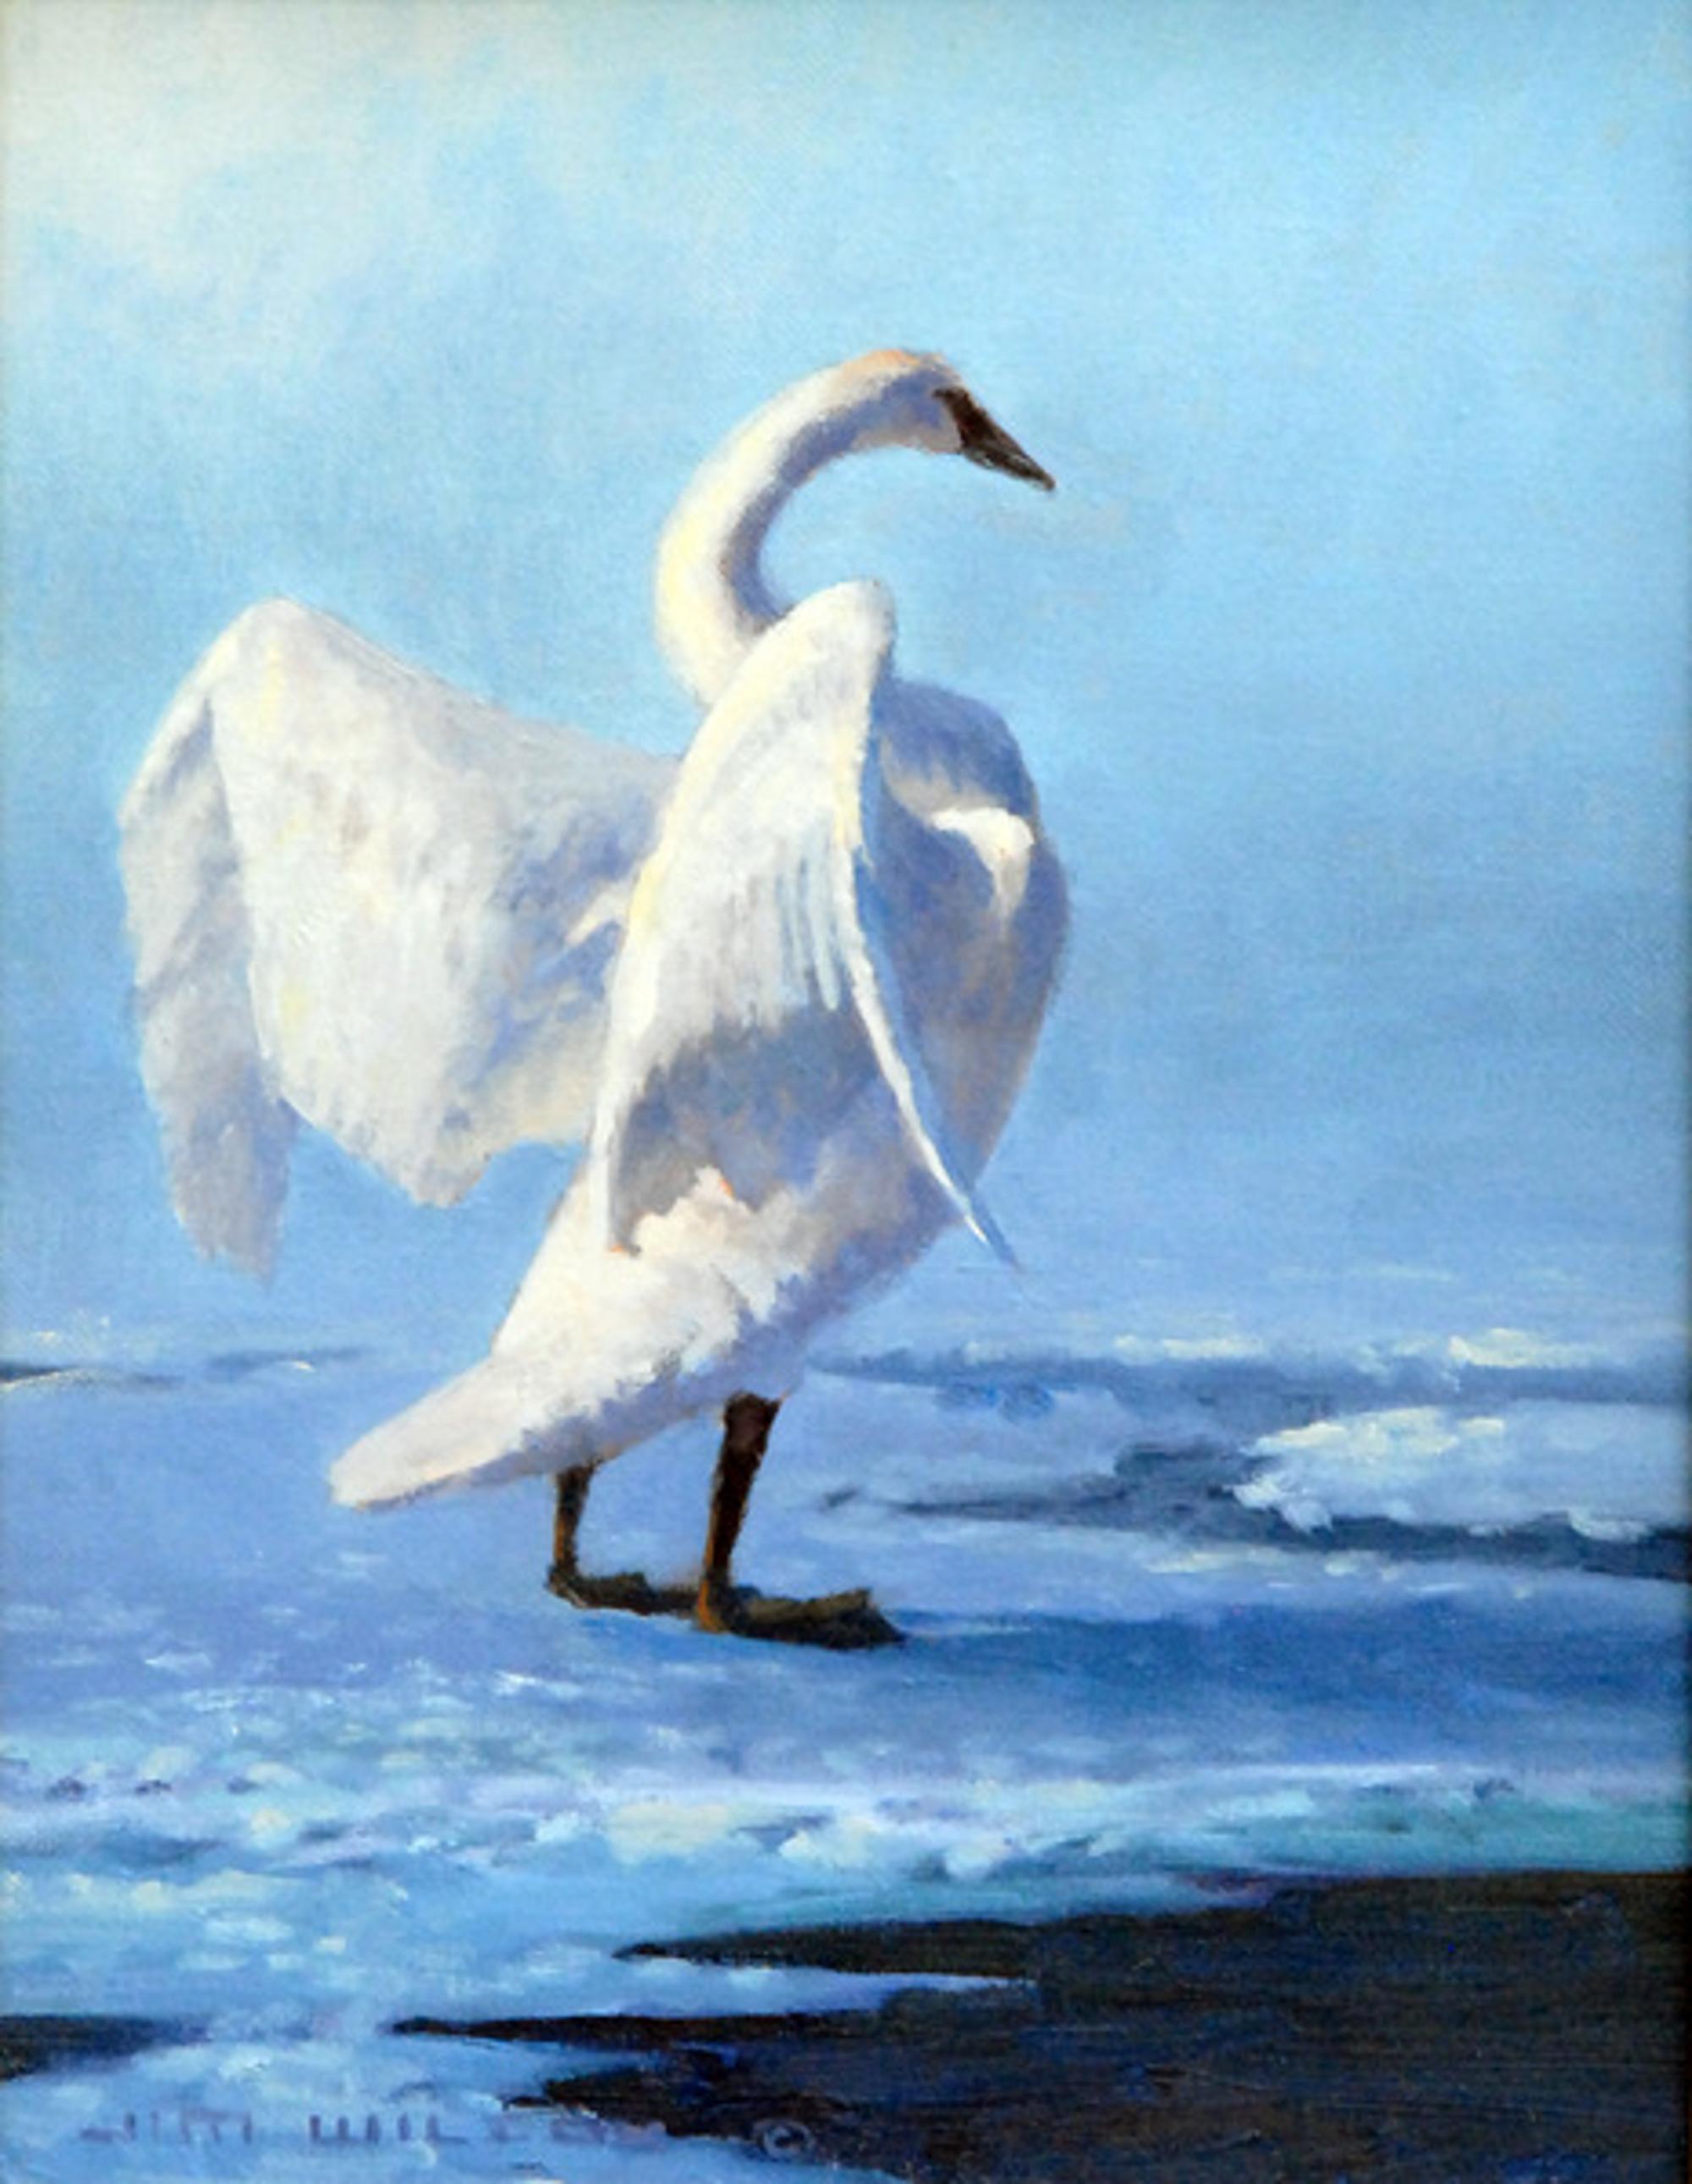 The Stretch Swan by Jim Wilcox